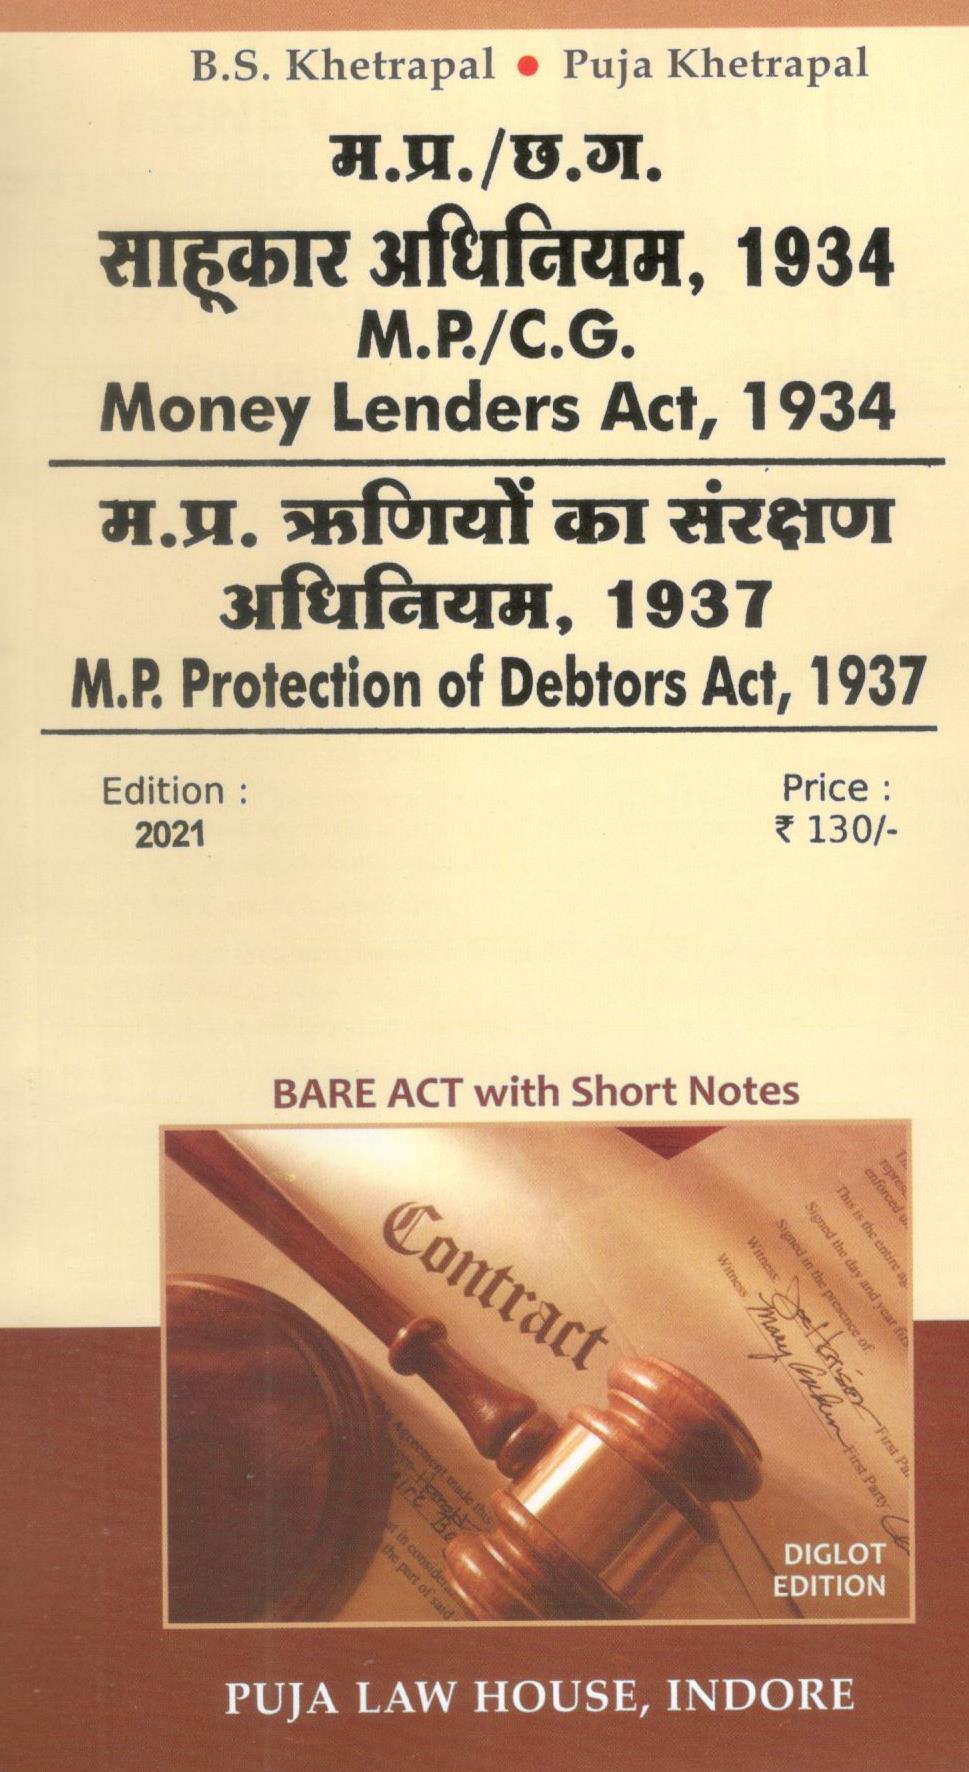 मध्य प्रदेश साहूकार अधिनियम,1934 एवं मध्य प्रदेश ऋणीयों का संरक्षण अधिनियम, 1937 / Madhya Pradesh Money Lenders Act, 1934 & Madhya Pradesh Protection of Debtors Act, 1937